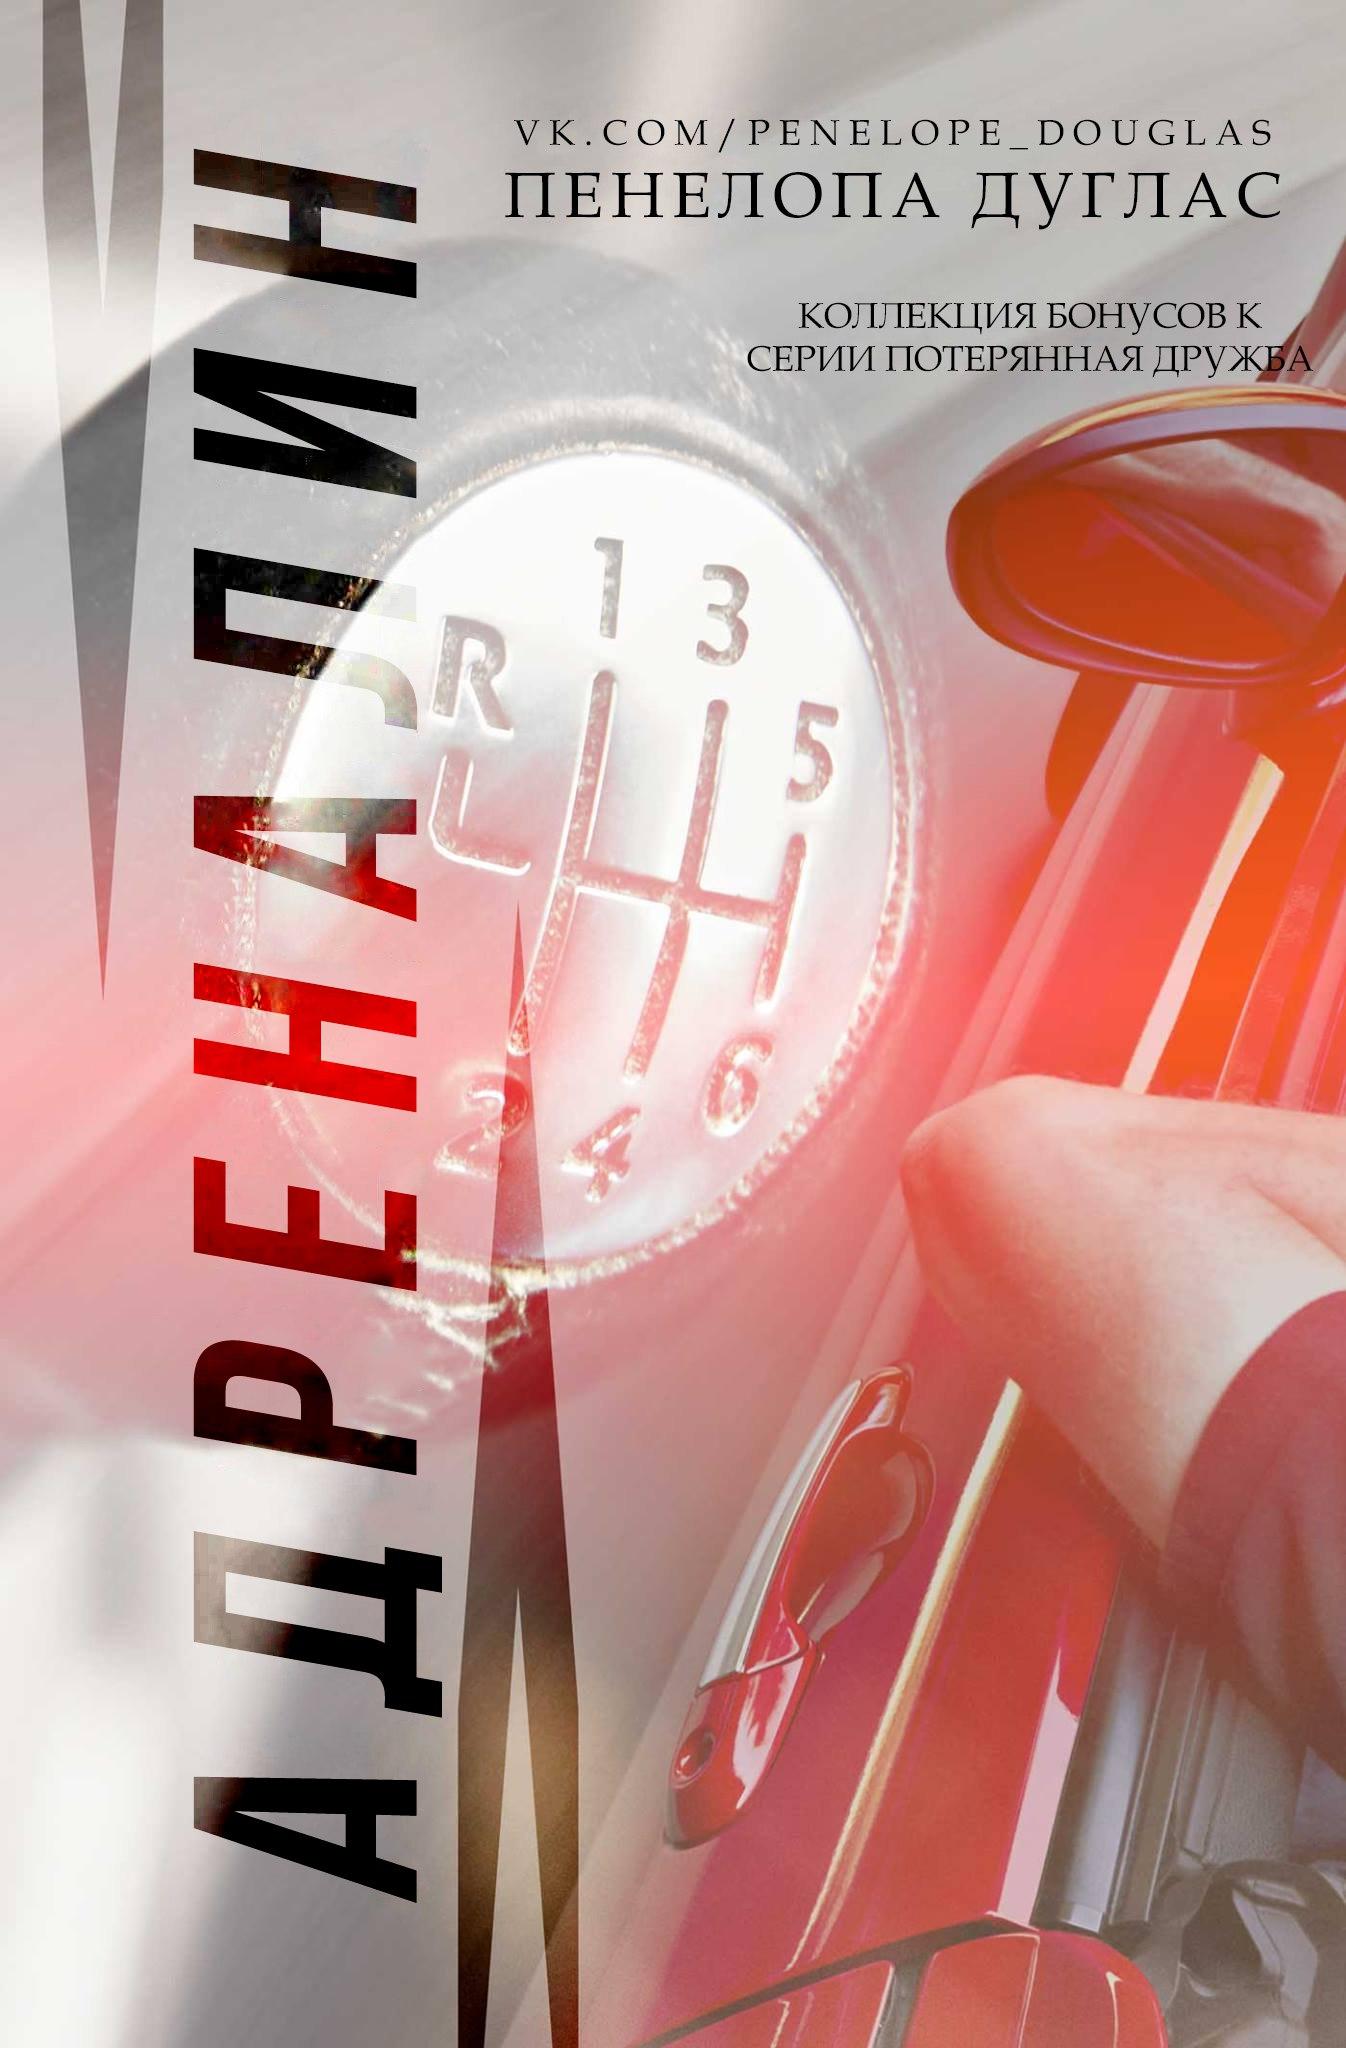 Дуглас Пенелопа - Адреналин. Коллекция бонусных материалов к серии Потерянная дружба скачать бесплатно